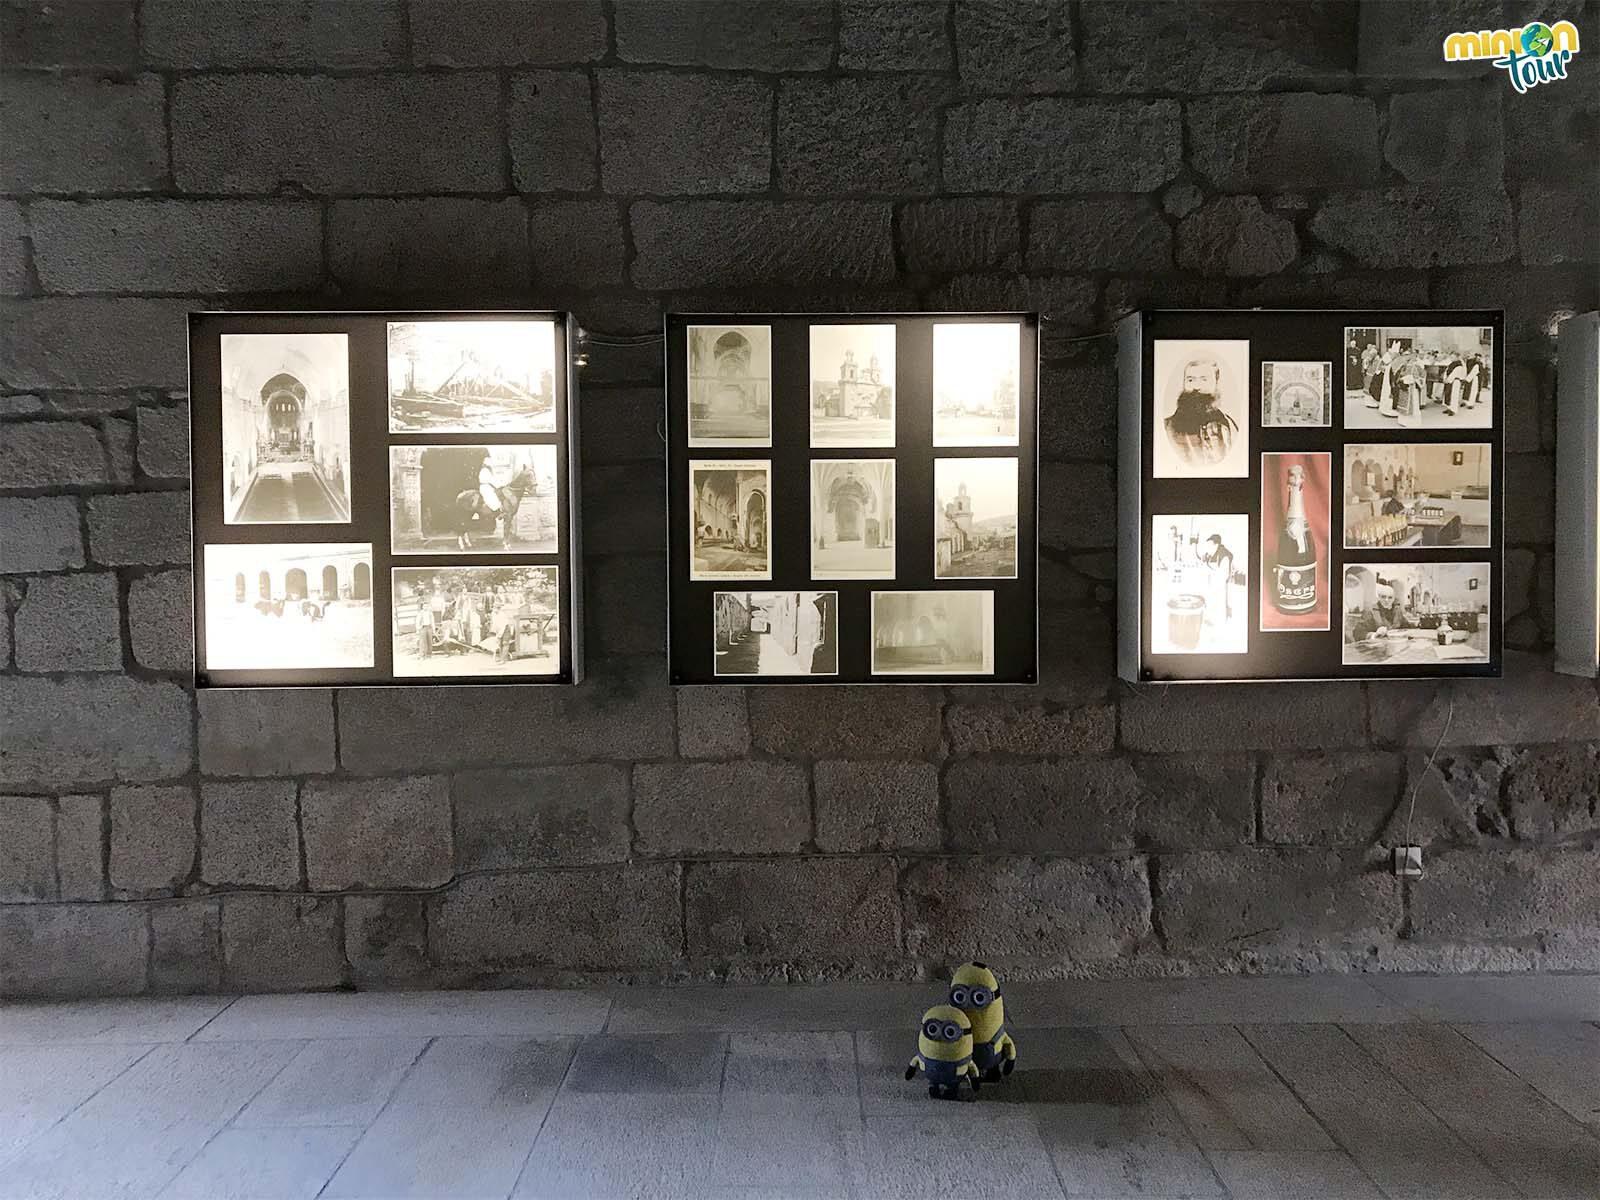 Conociendo la historia del Monasterio de Oseira en fotos